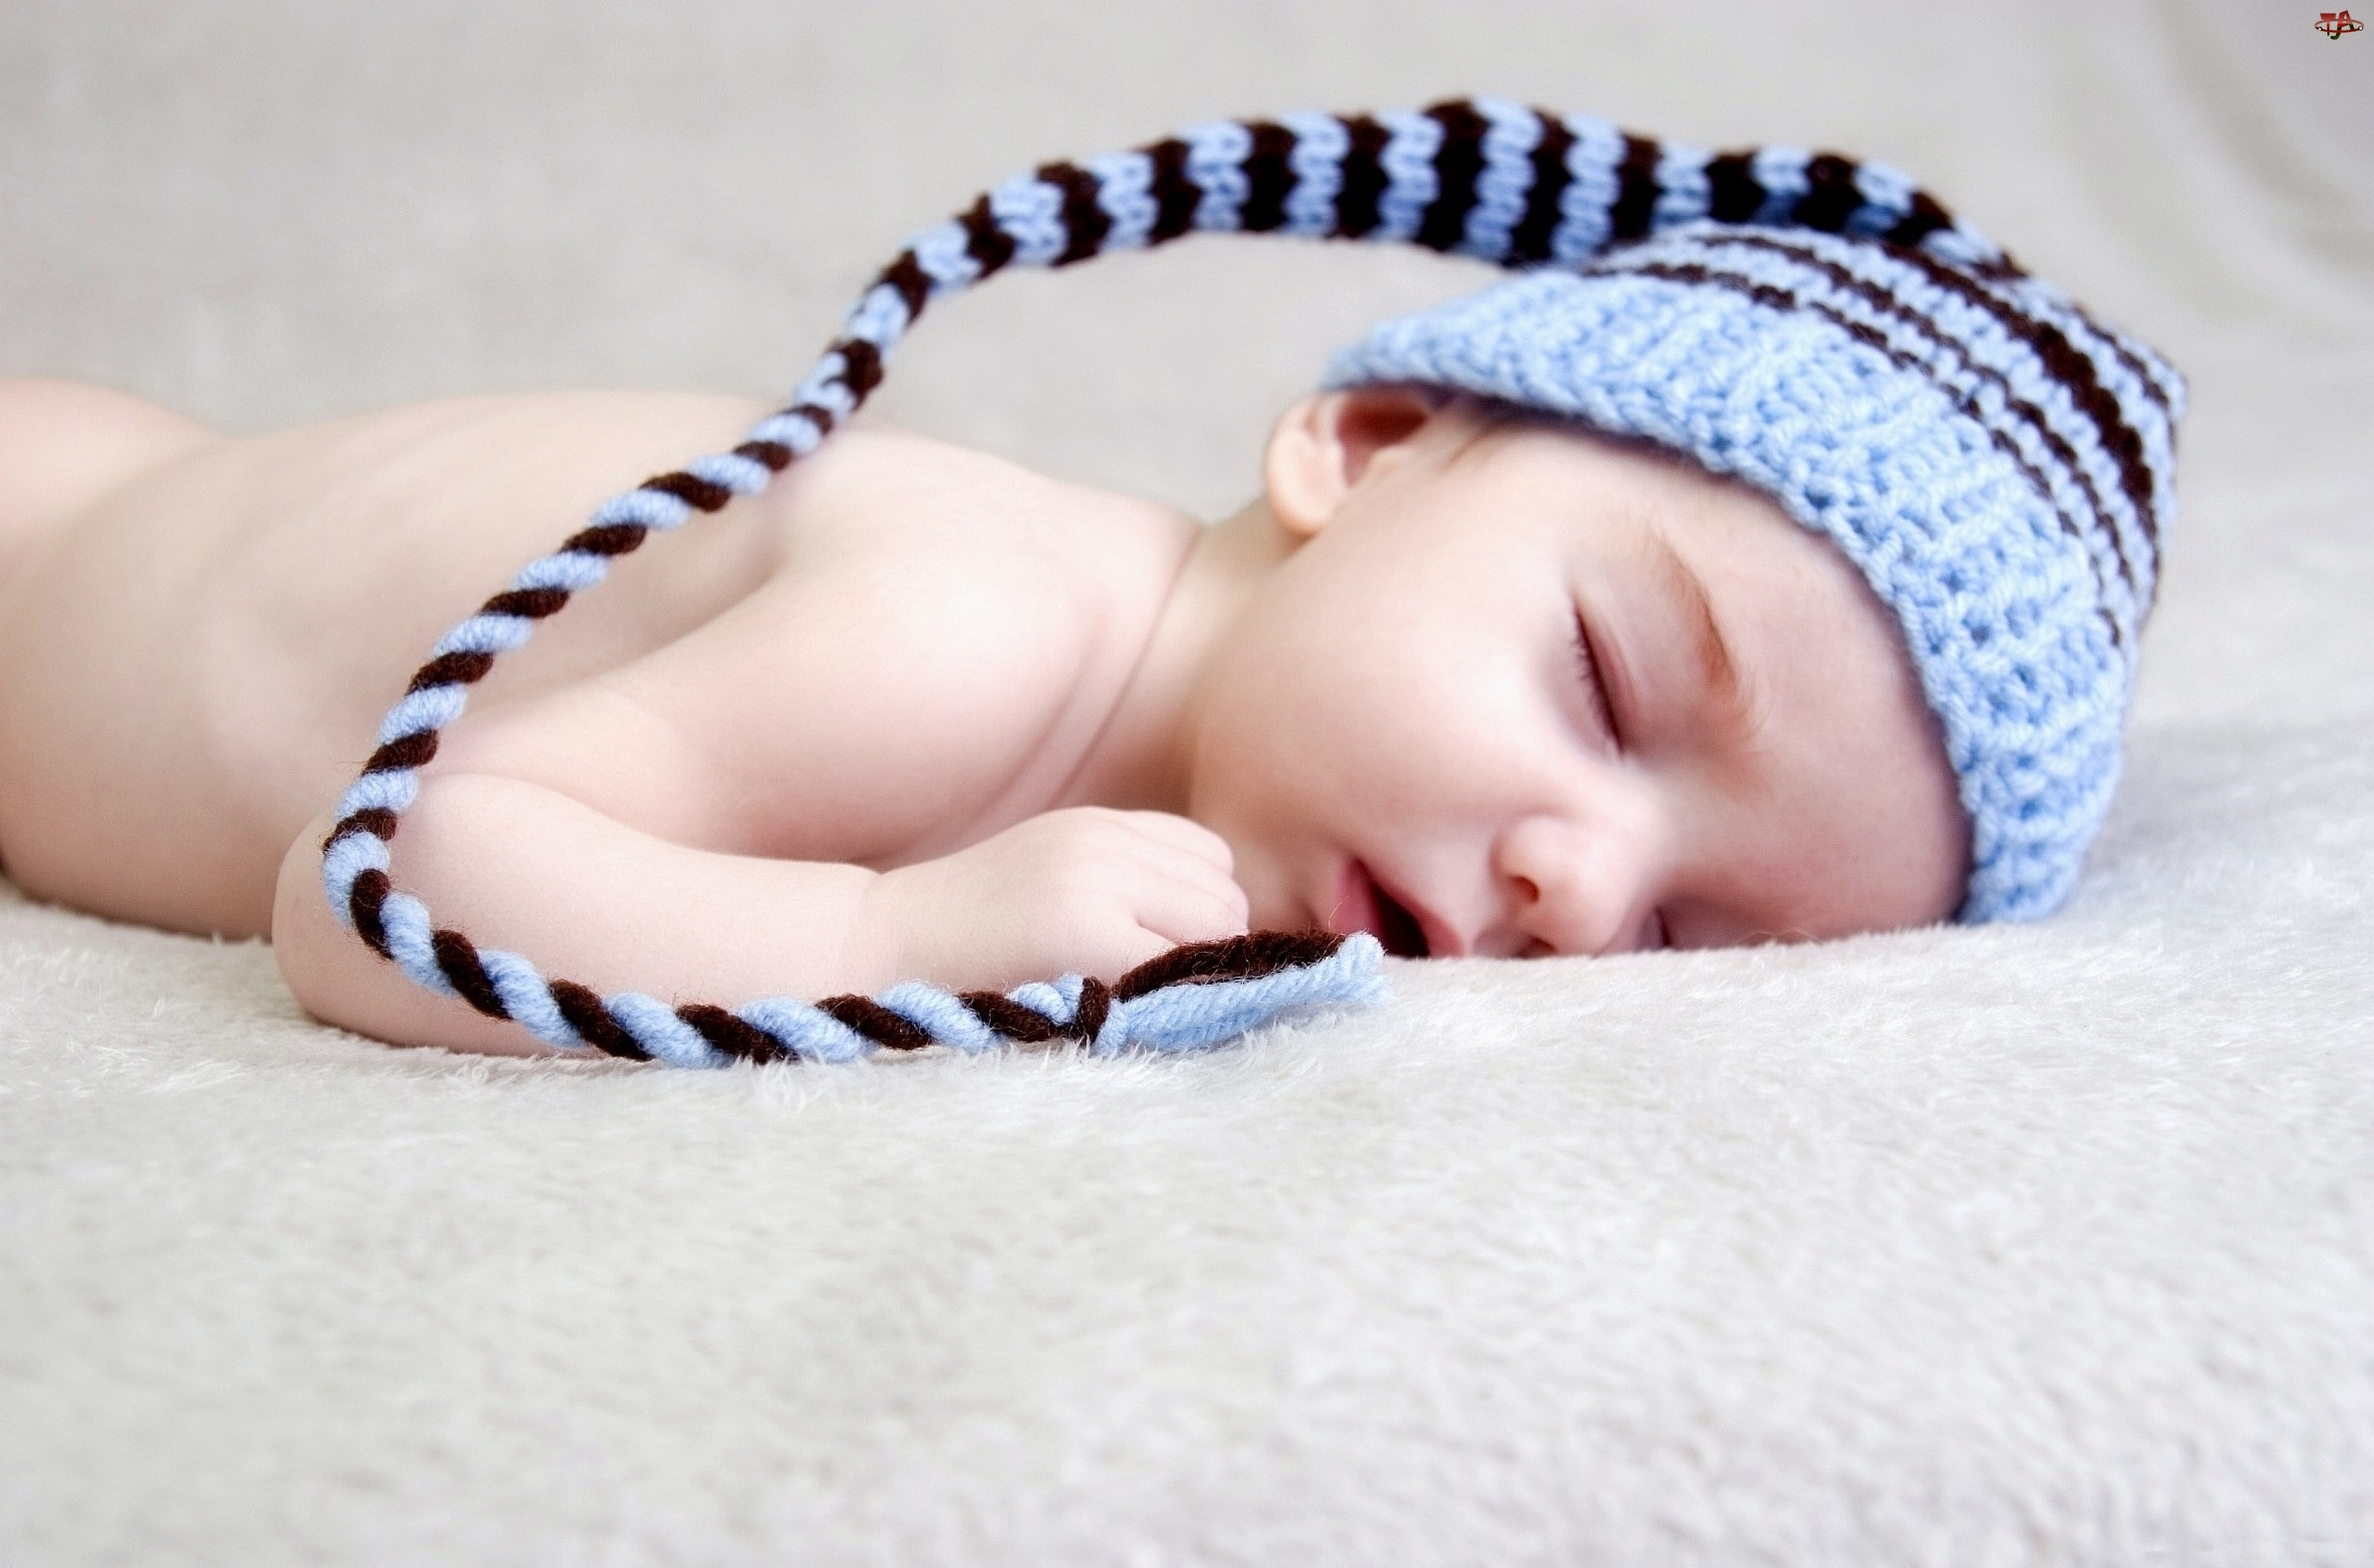 Niebieska, Dzianina, Dziecko, Śpiące, Czapeczka